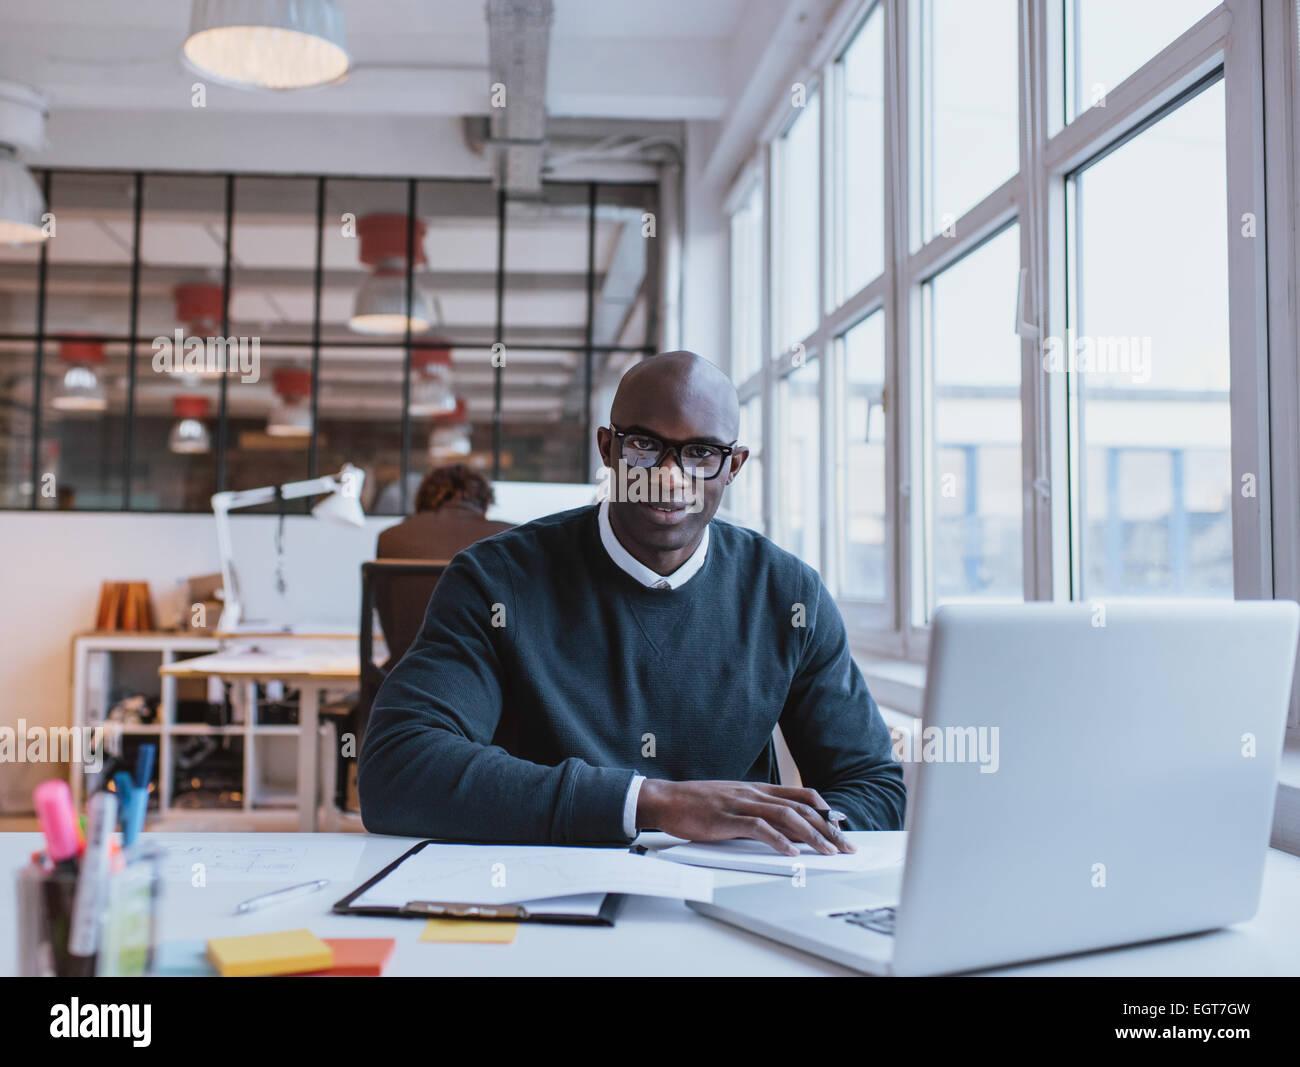 Ritratto di fiducioso giovane uomo seduto alla sua scrivania con il computer portatile. Imprenditore africani che Immagini Stock